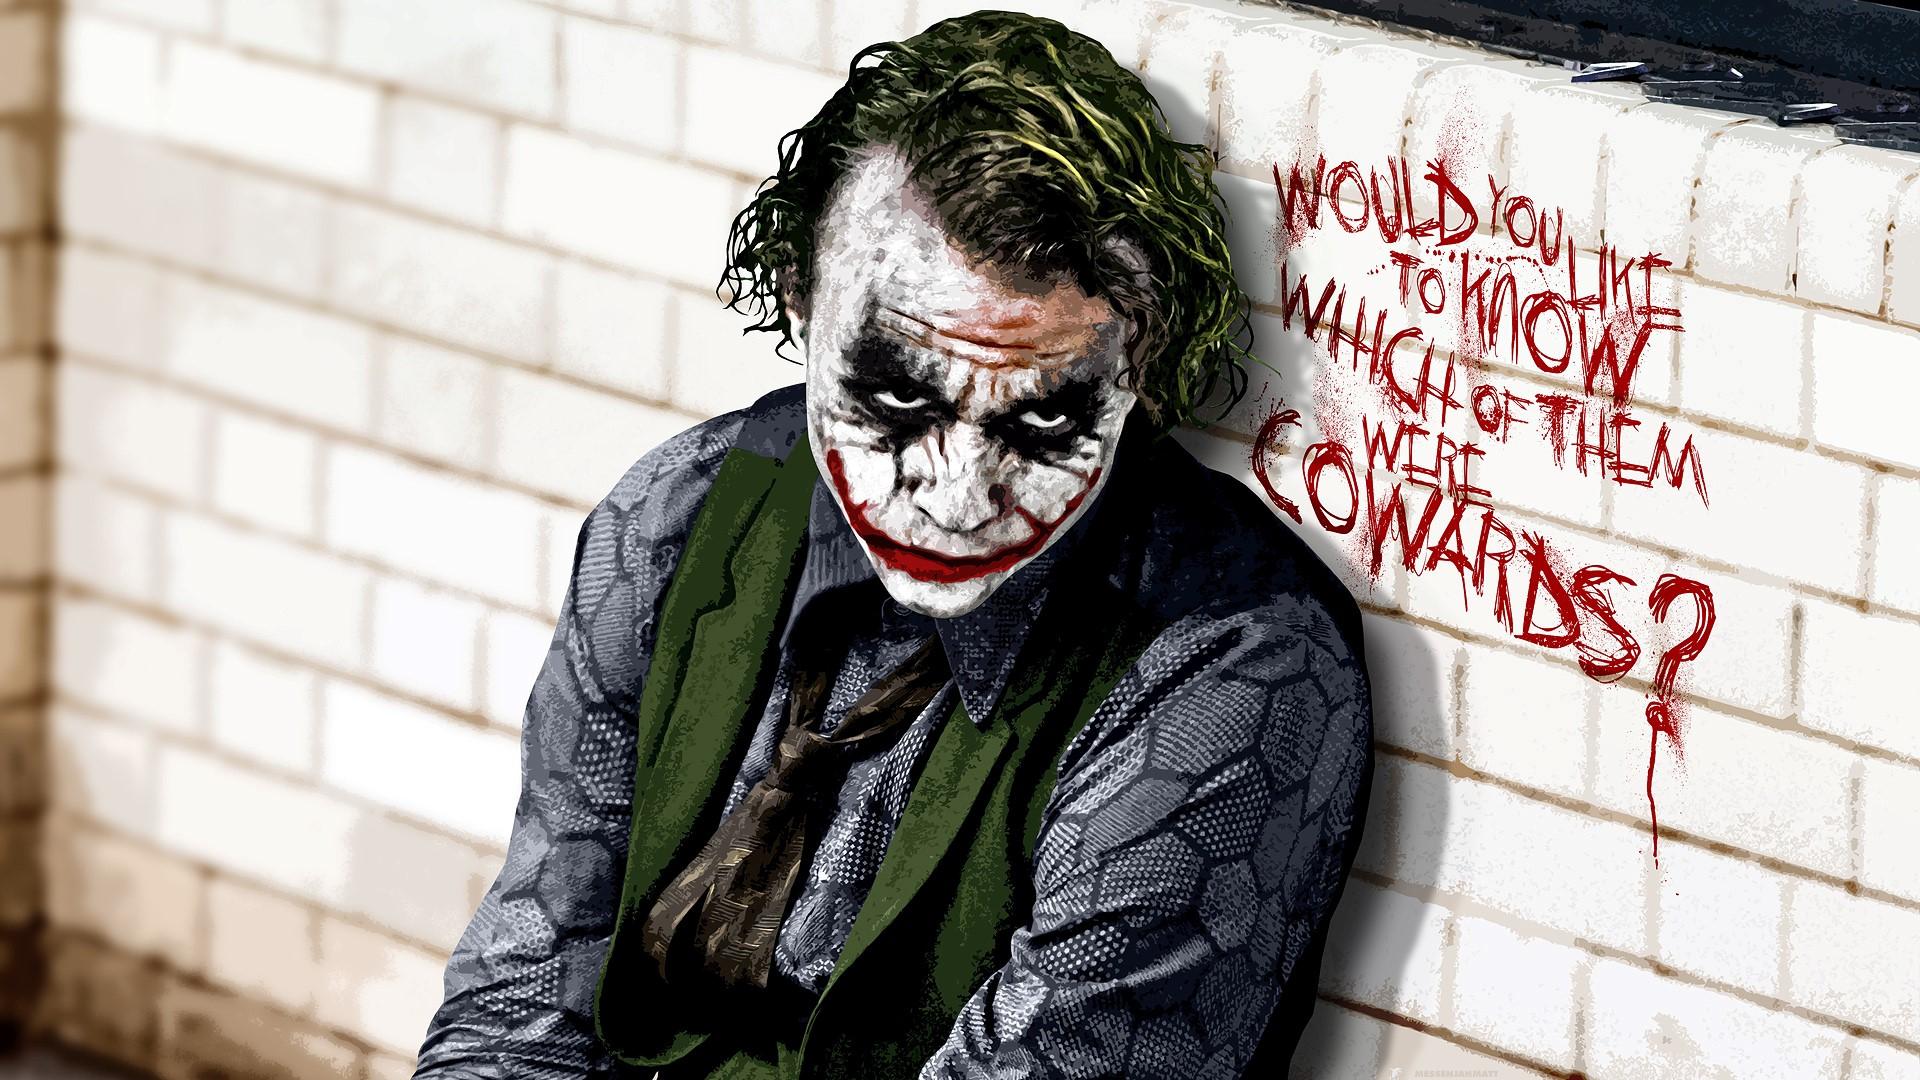 The Joker in Batman Movie Wallpaper HD Wallpapers 1920x1080